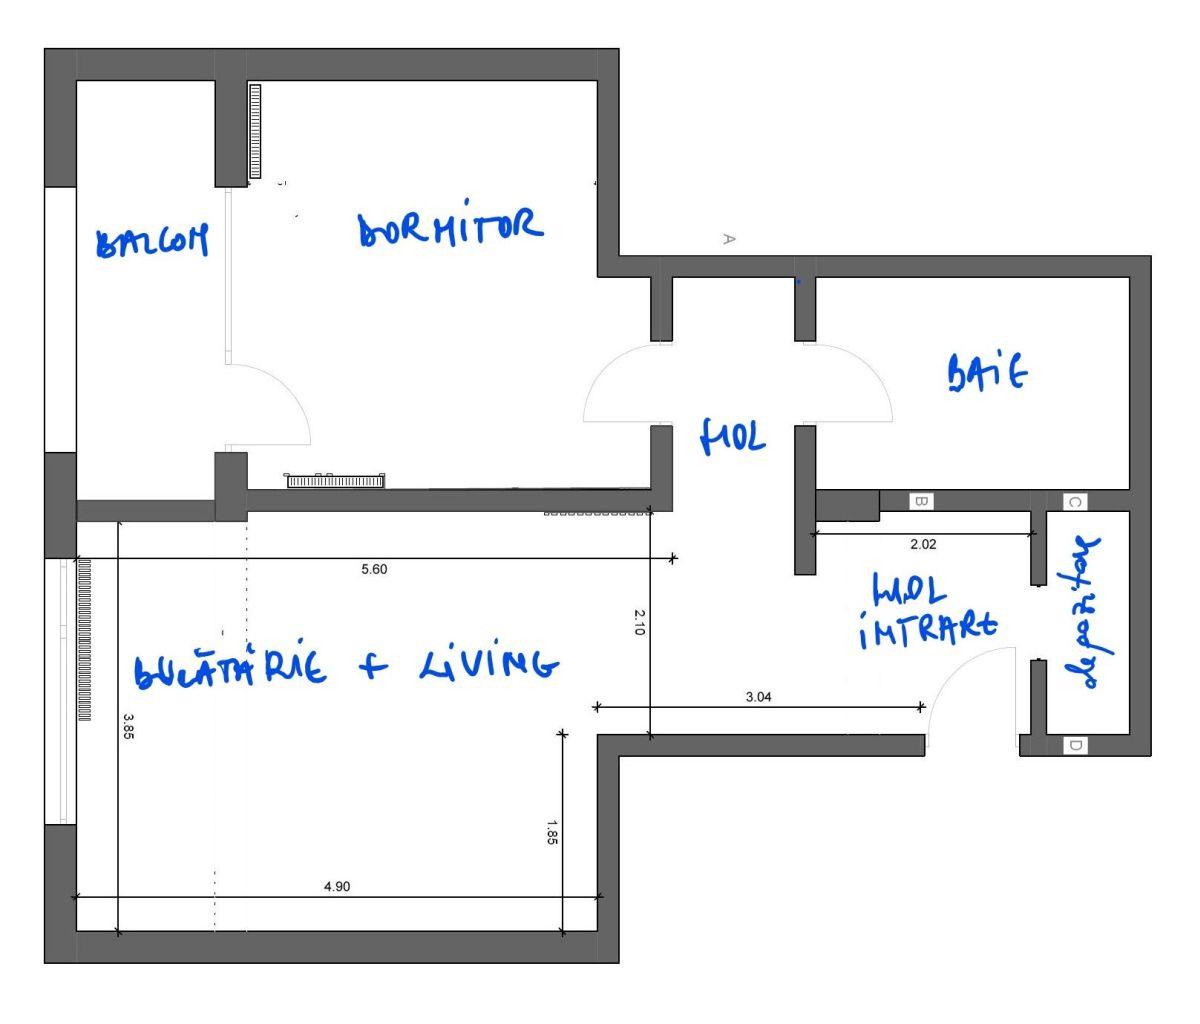 Planul locuinței de două camere,fără soluția de mobilare. Se vede compartimentarea interioară în mod clar, respectiv și faptul că livingul este în același spațiu cu bucătăria, dar și deschis către holul de la intrare..